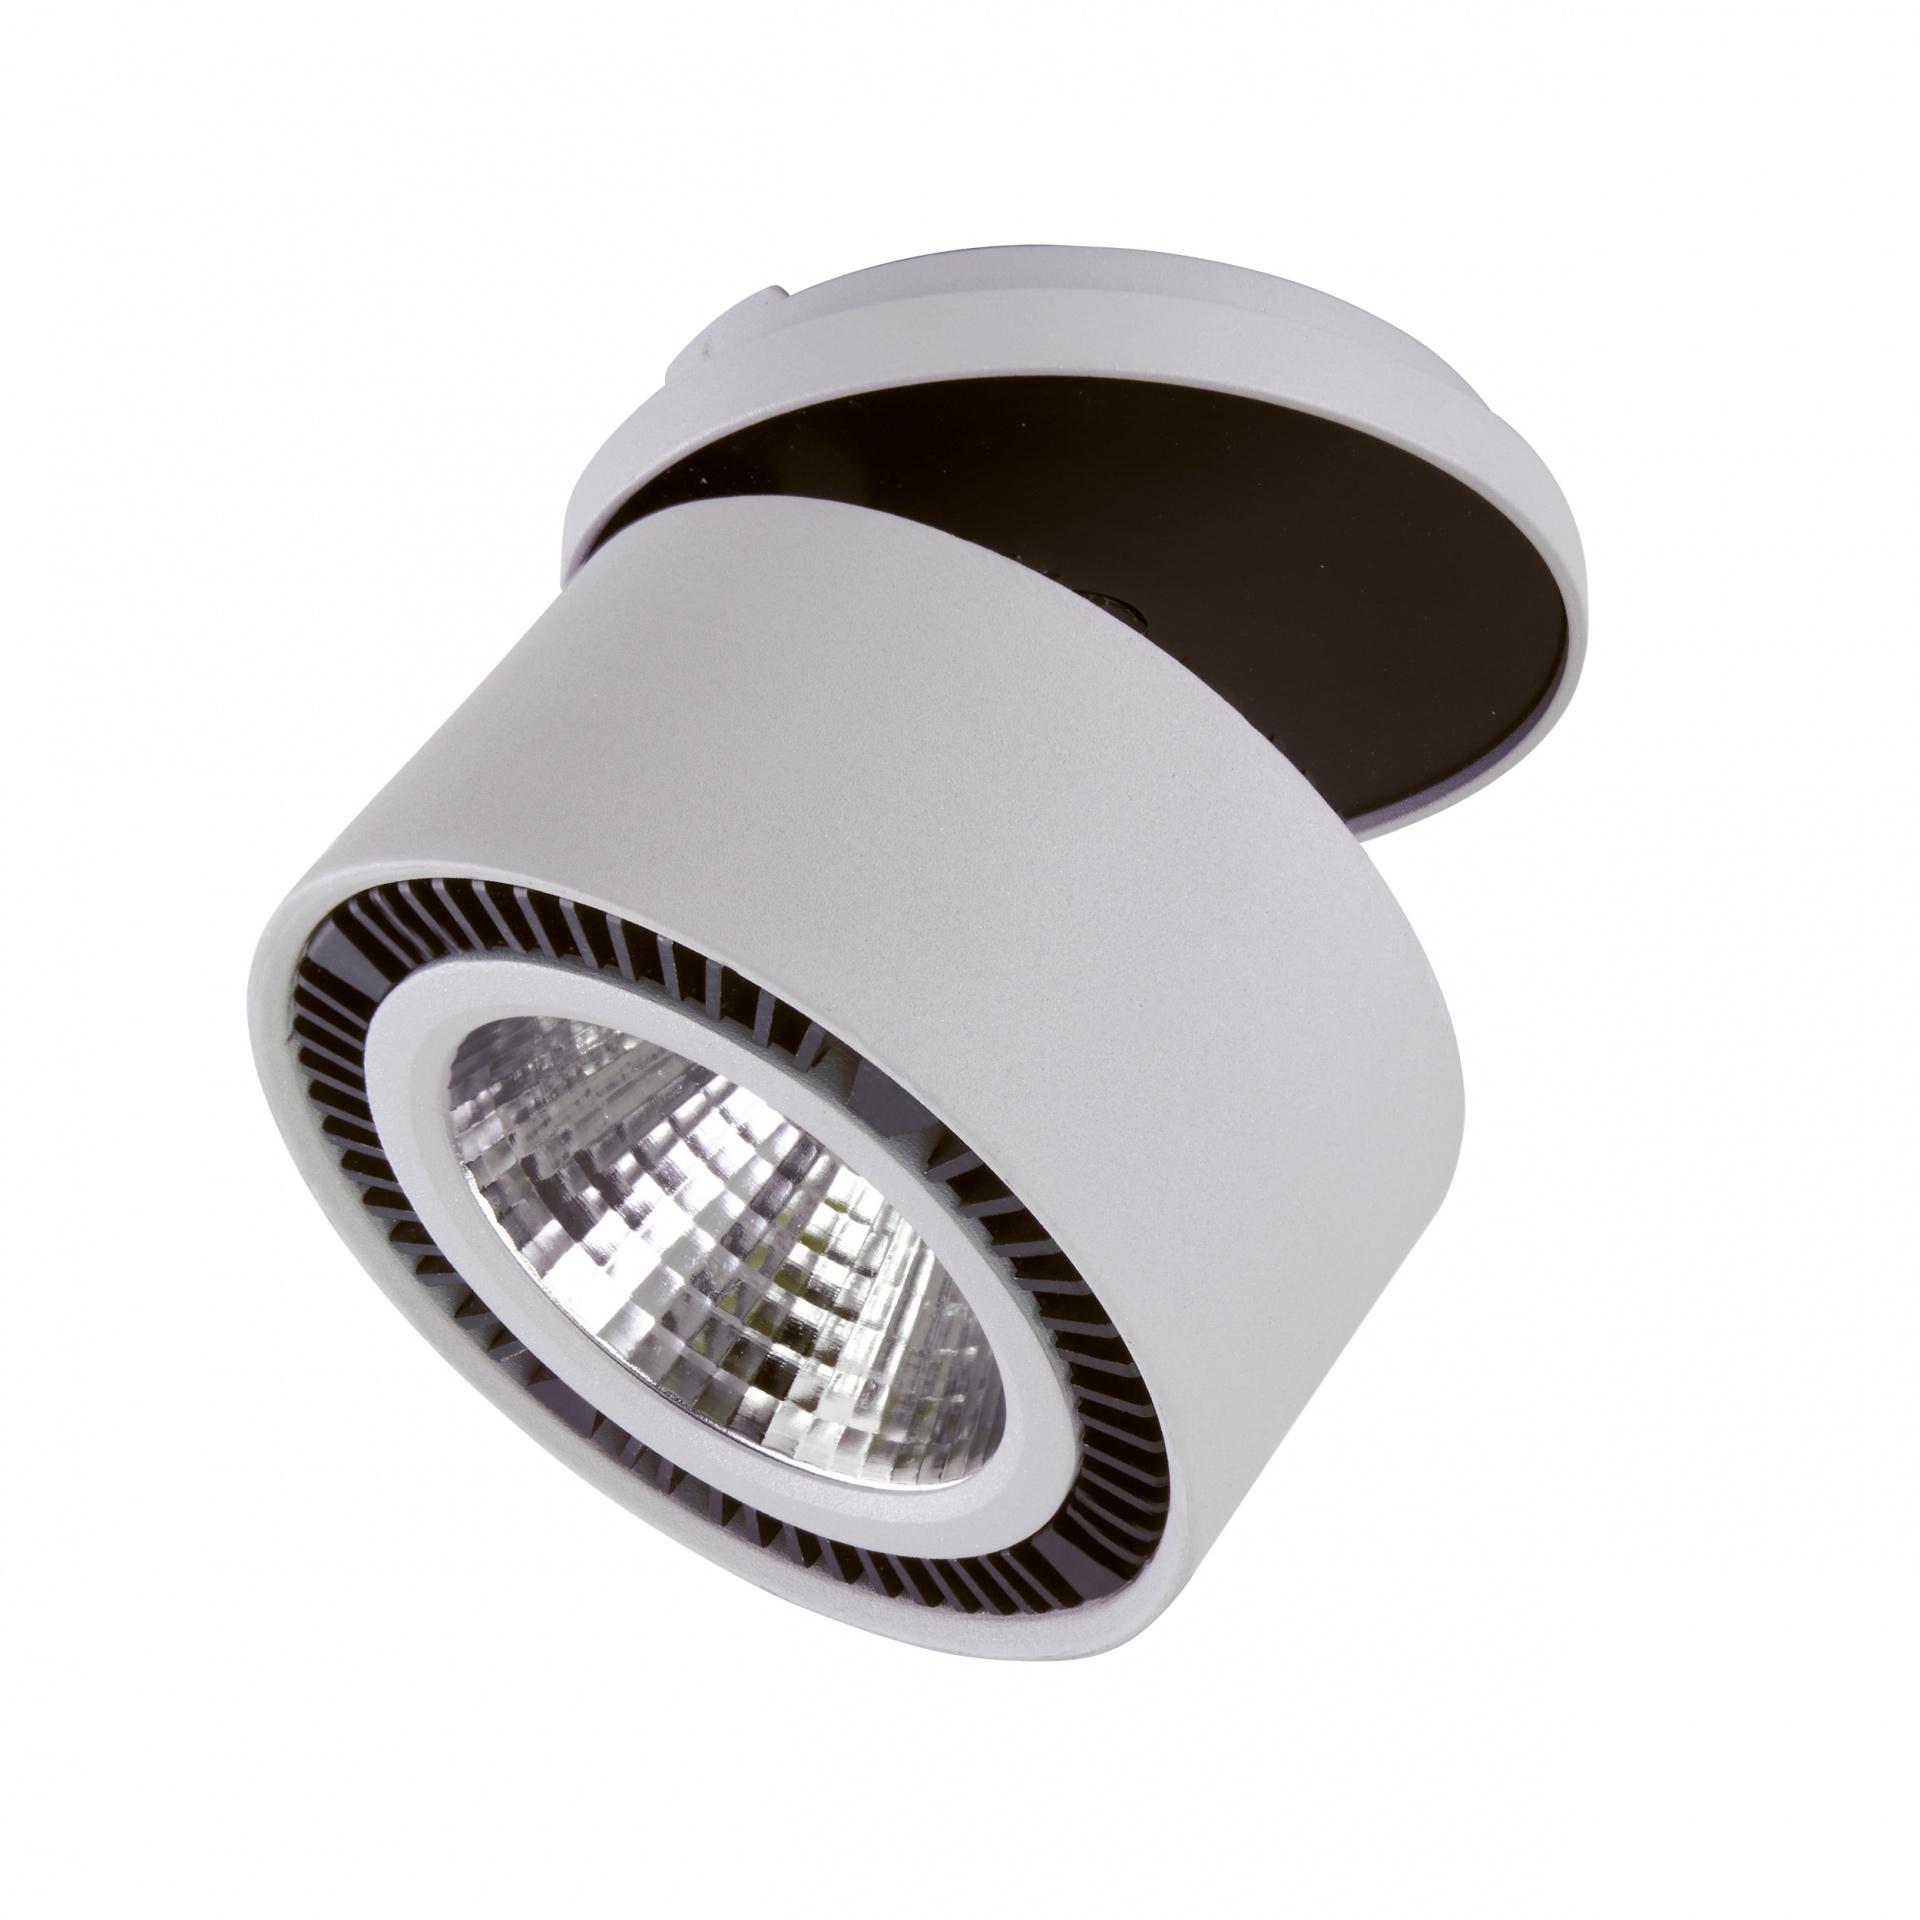 Светильник Forte inca LED 40W 3400LM 30G серый 4000K Lightstar 214849, купить в СПб, Москве, с доставкой, Санкт-Петербург, интернет-магазин люстр и светильников Starlight, фото в жизни